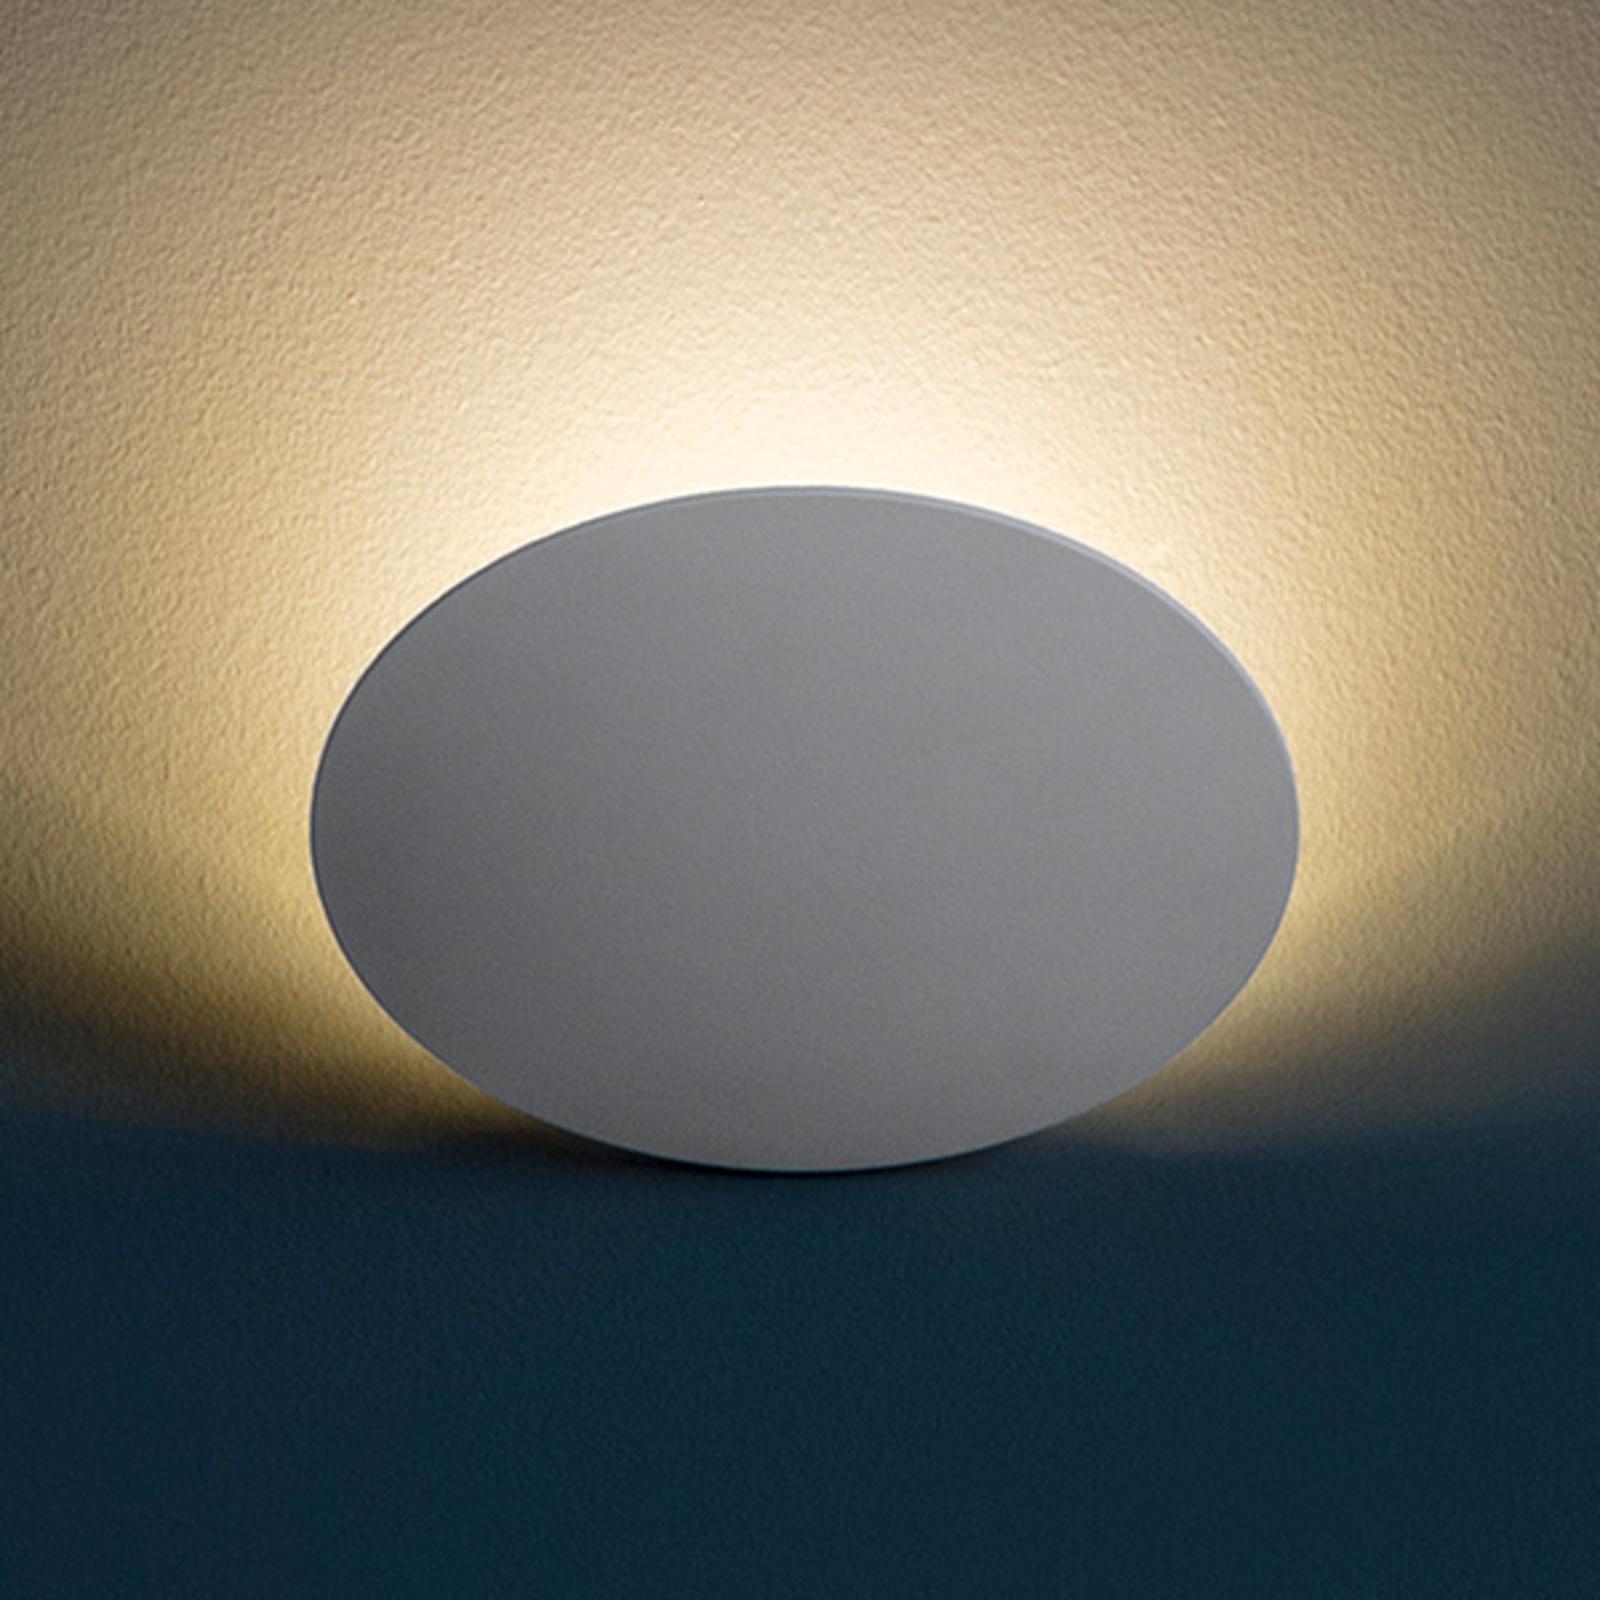 Catellani & Smith Lederam LWF256 LED-Wandleuchte